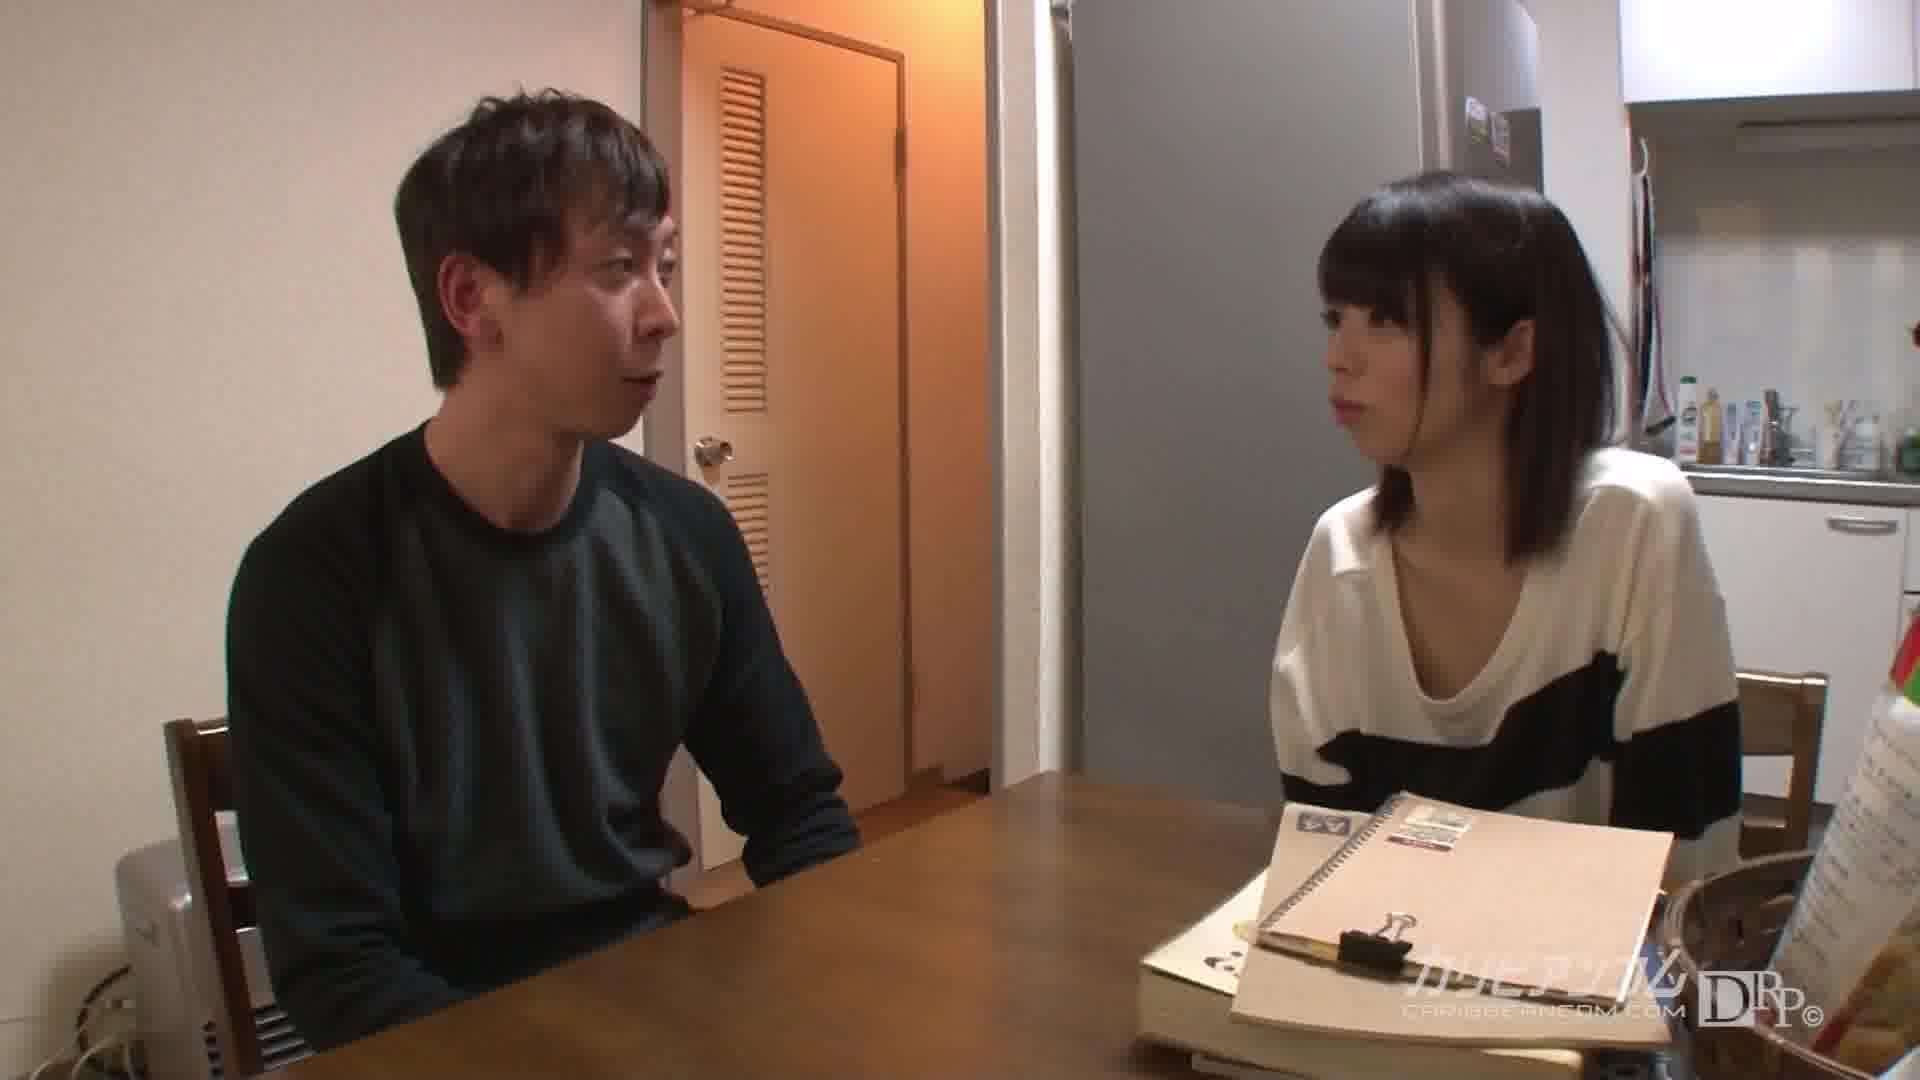 あまえんぼう Vol.29 - 木内亜美菜【パイパン・クンニ・中出し】